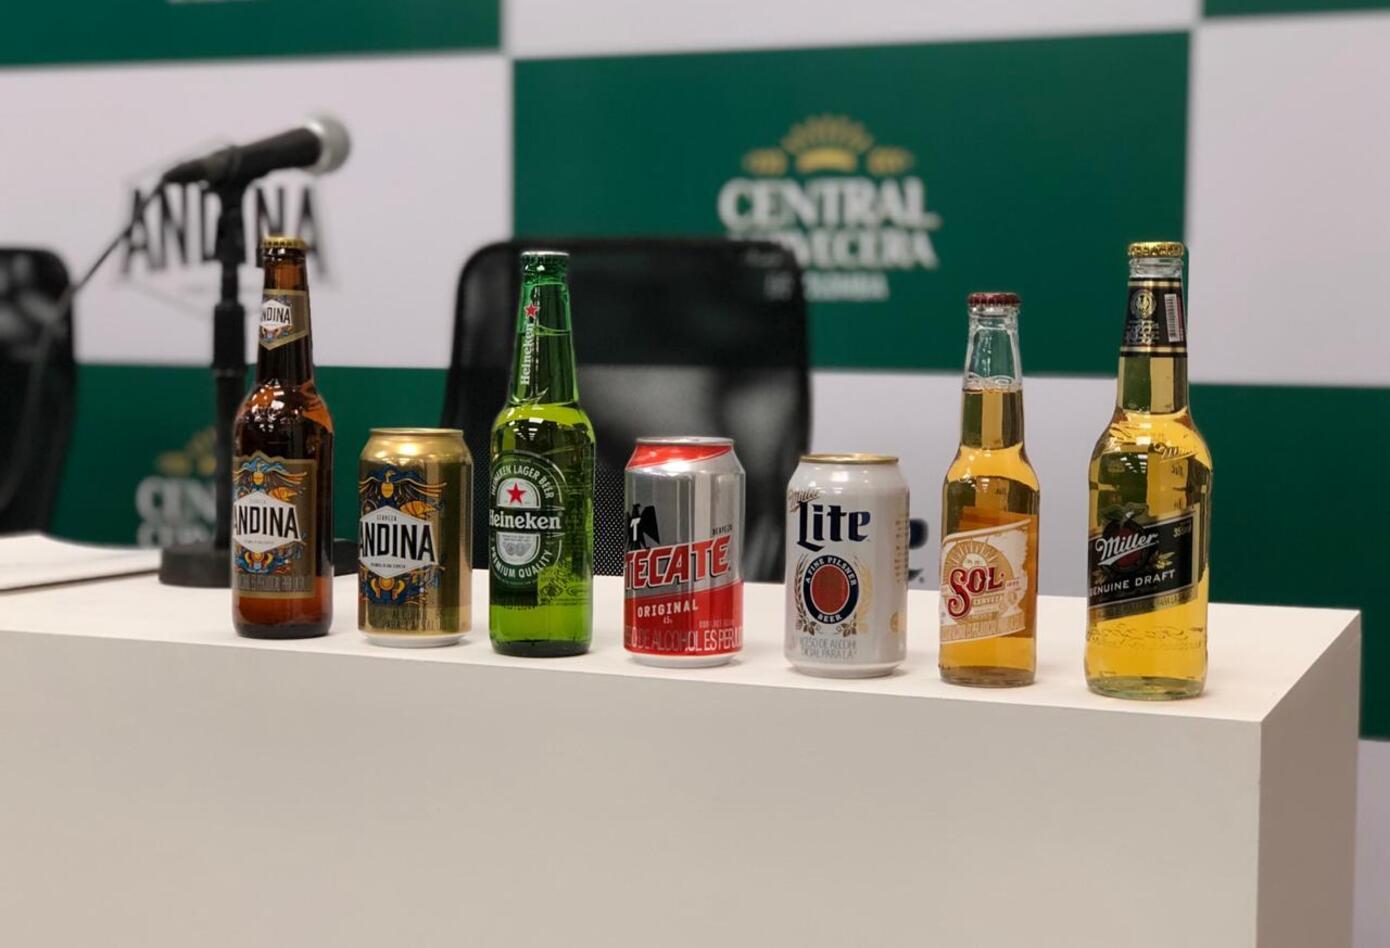 Central Cervecera